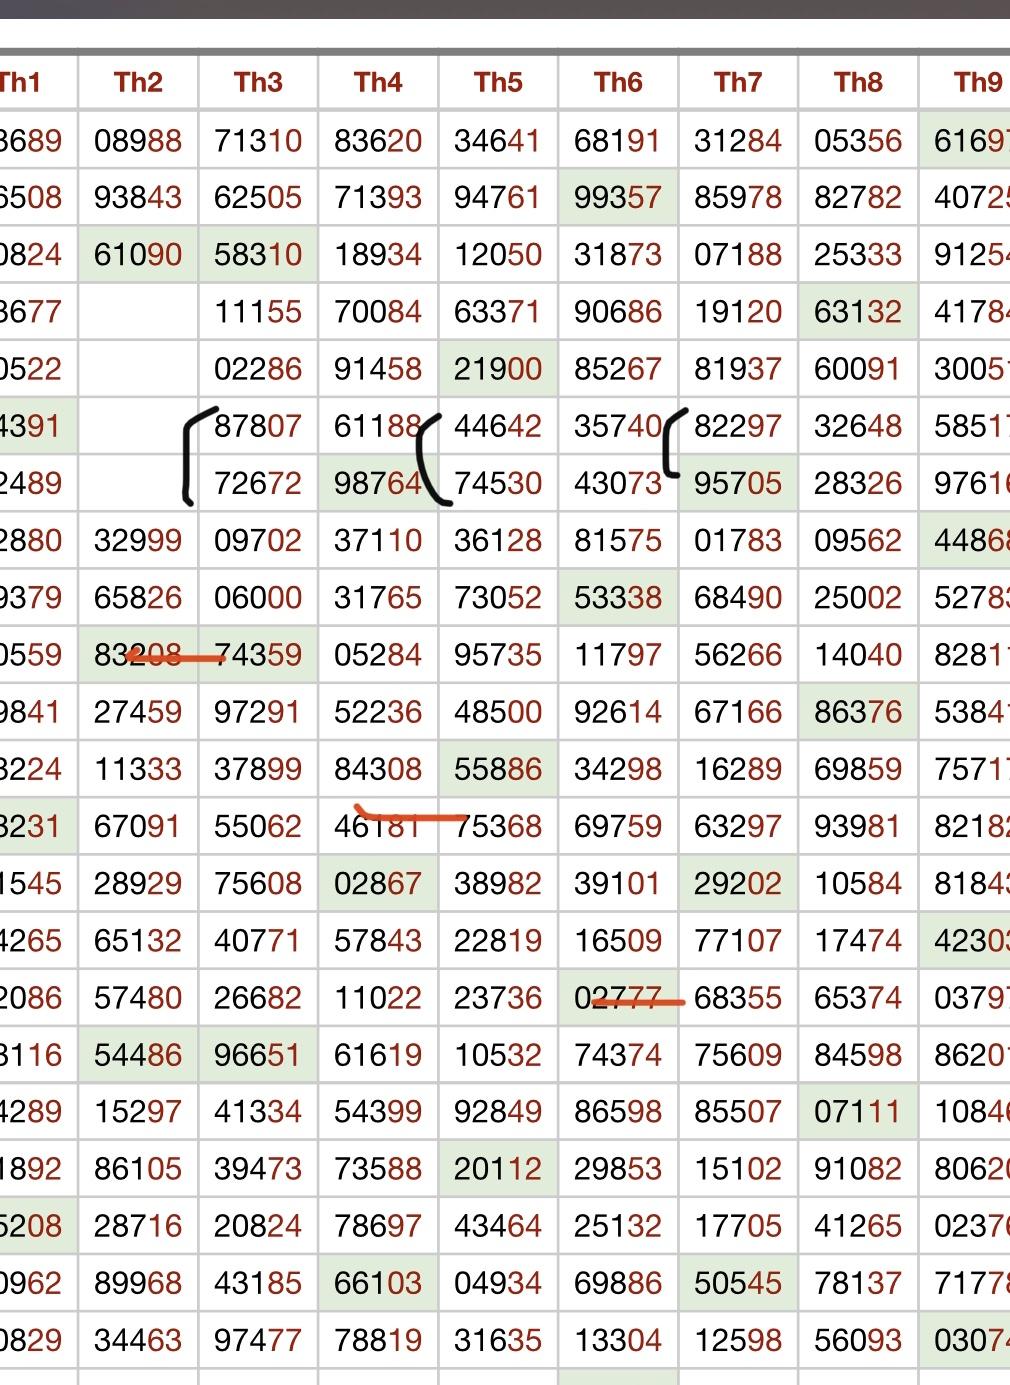 7F8AED92-0E47-4918-B0DF-232F617C82CB.jpeg